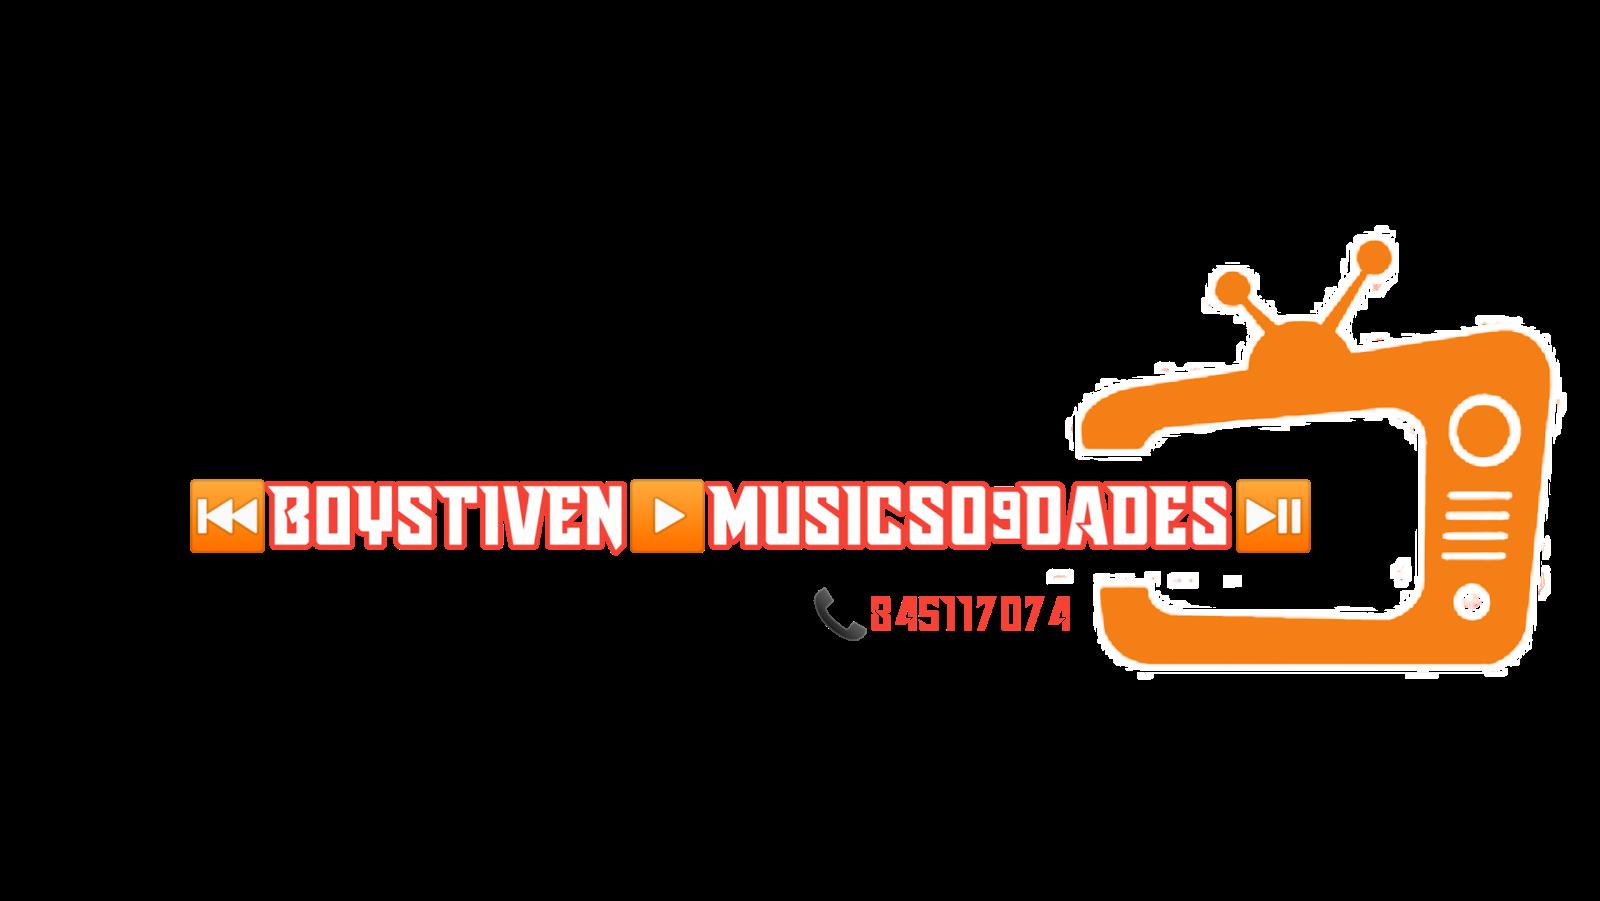 Boystiven-musicsó9dades